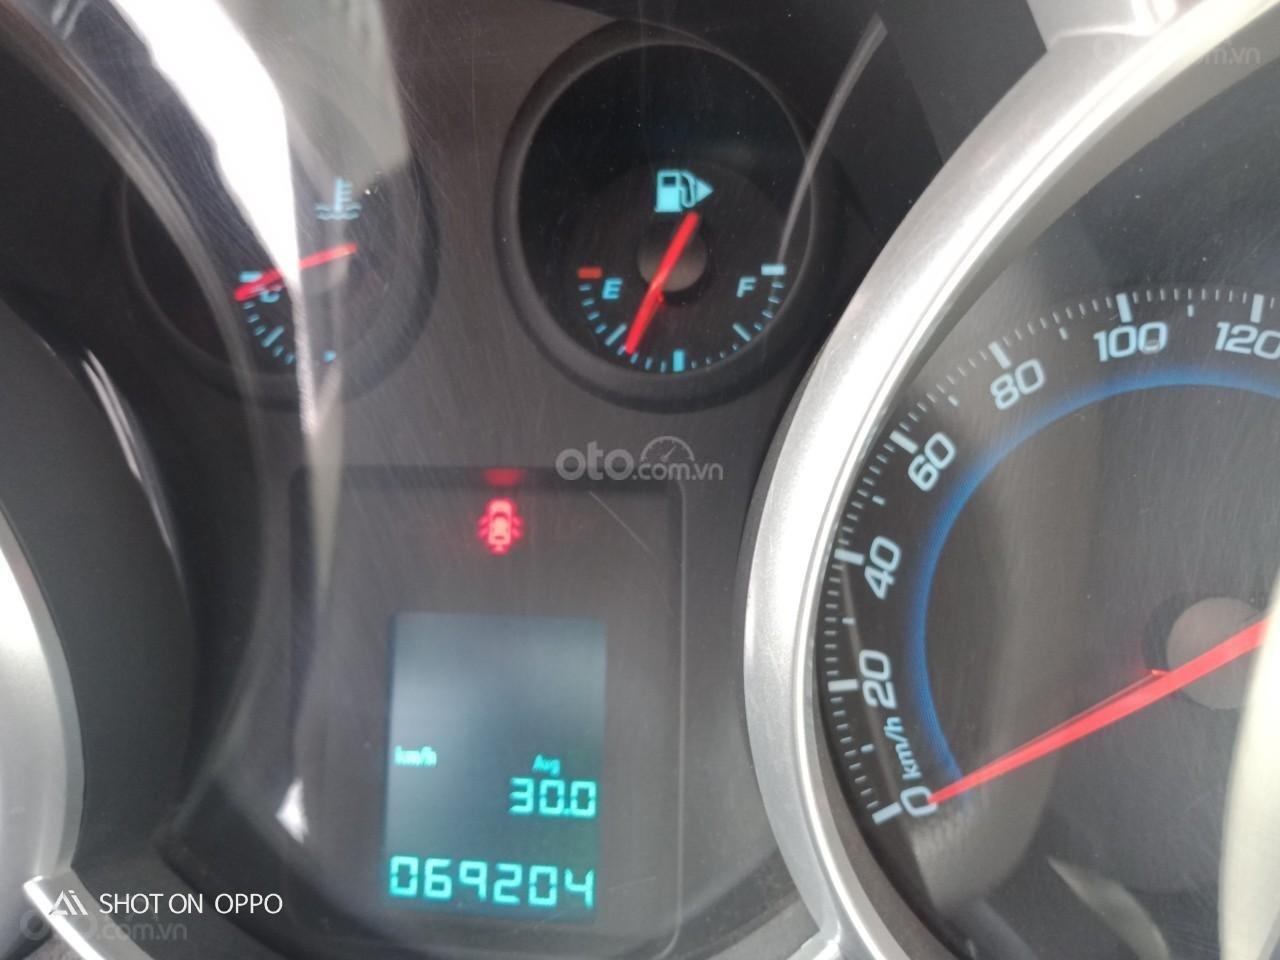 Bán ô tô Chevrolet Cruze đời 2015, màu trắng, số sàn 1.6LS (5)